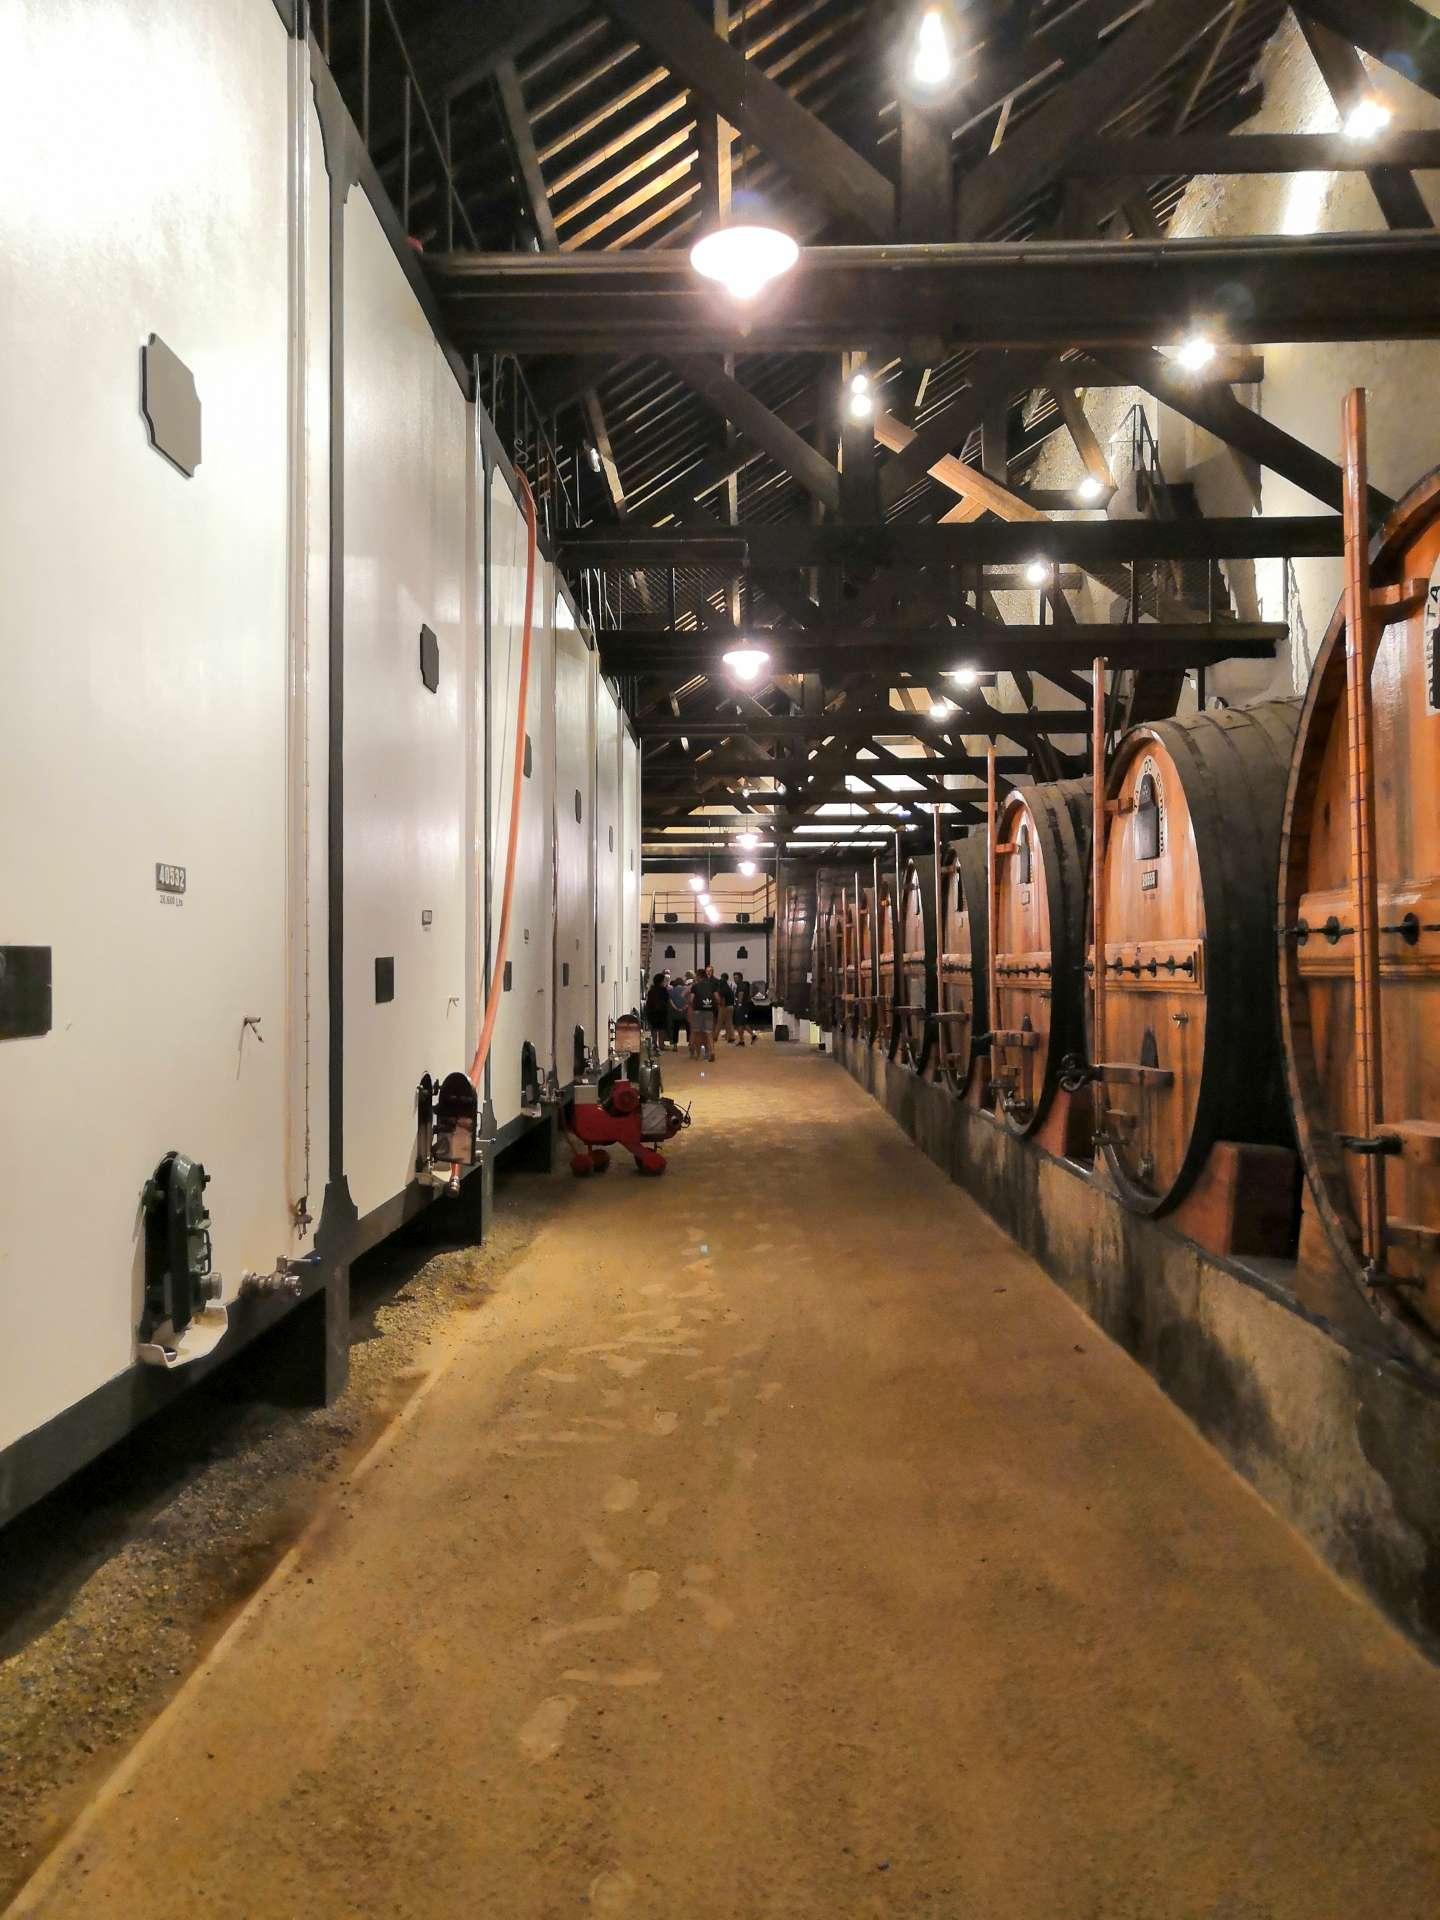 Bílé nádrže vlevo slouží k uchování mladého portského vína po vinobraní, ještě dříve, než putuje do sudů. Na jaře jej pak odvezou do skladů ve Vila Nova de Gaia.